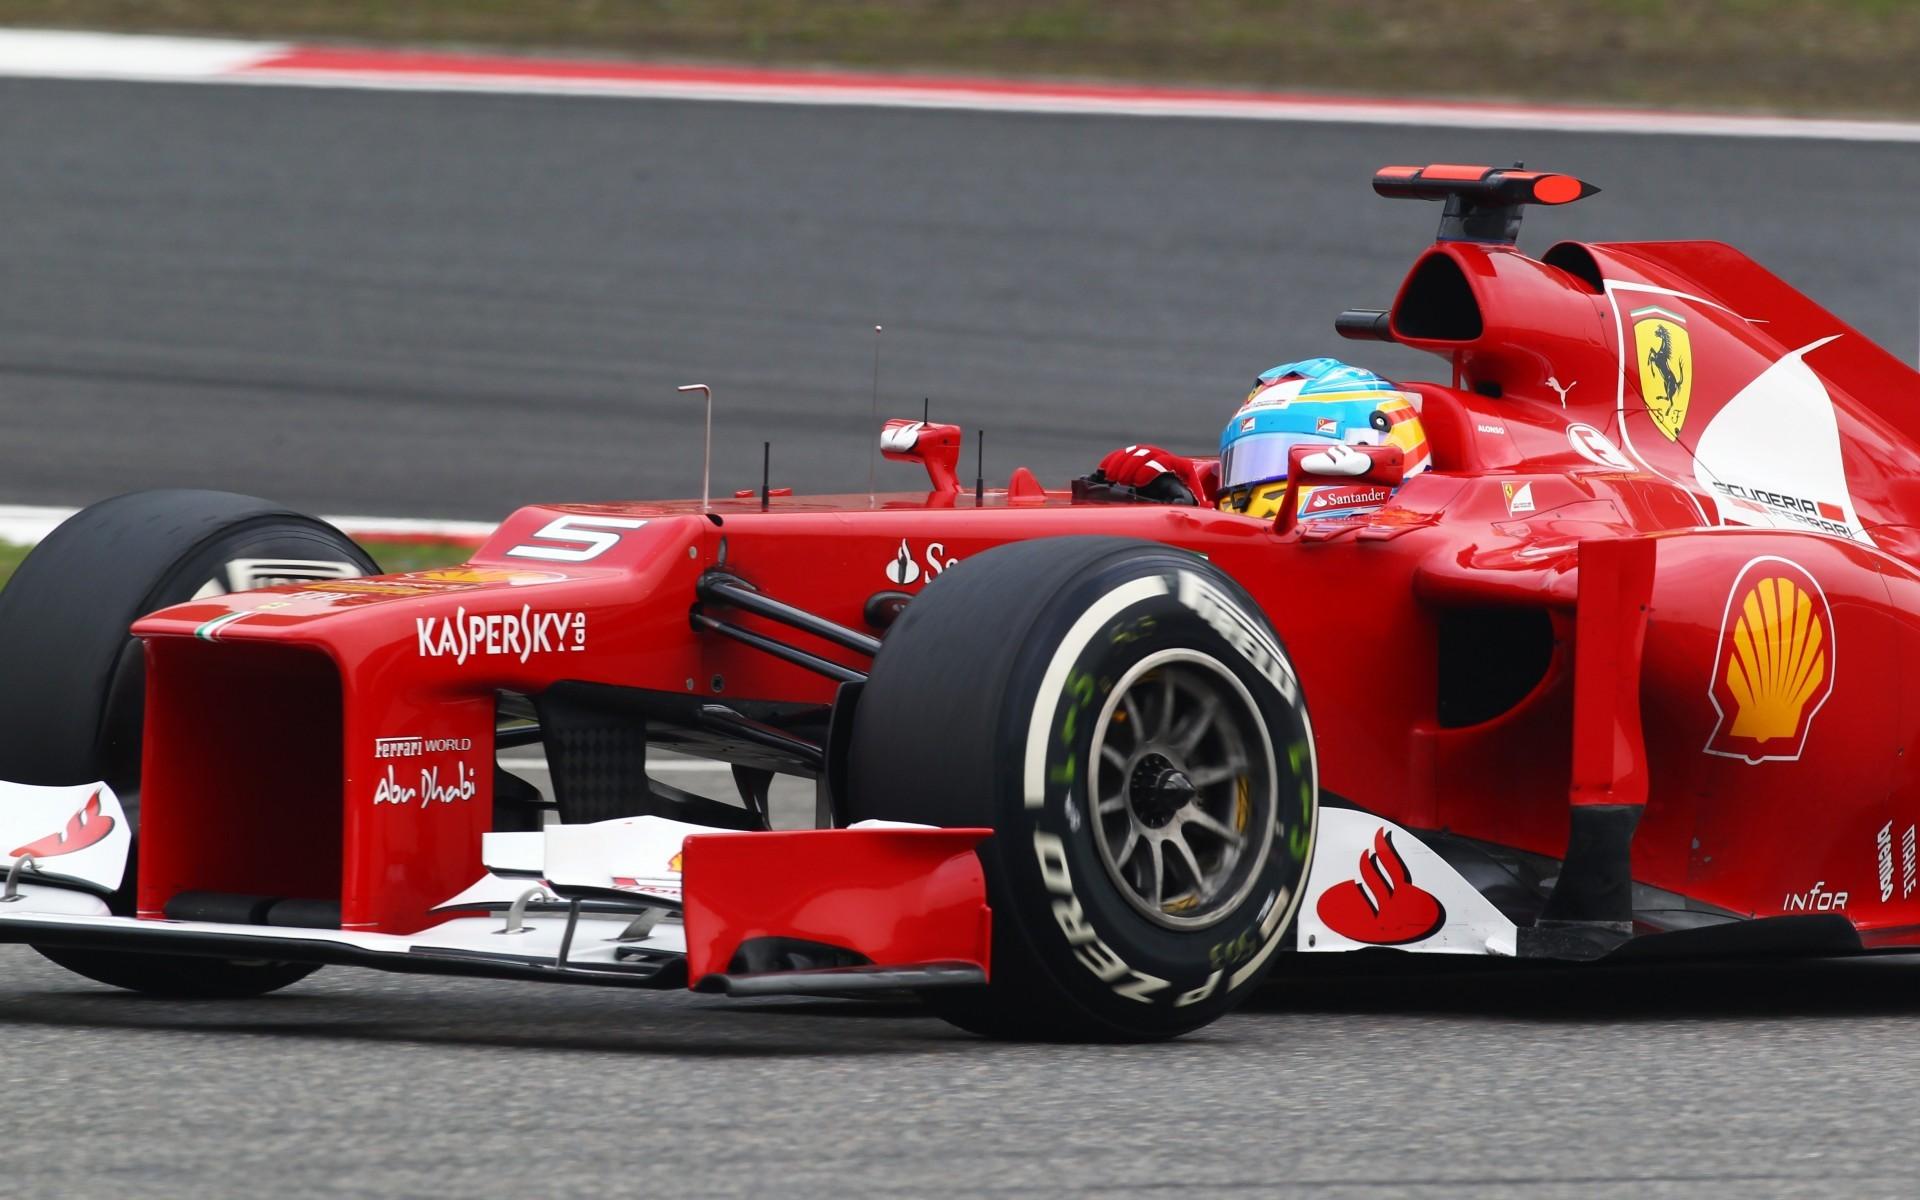 Fernando Alonso   Scuderia Ferrari wallpaper 9607 1920x1200